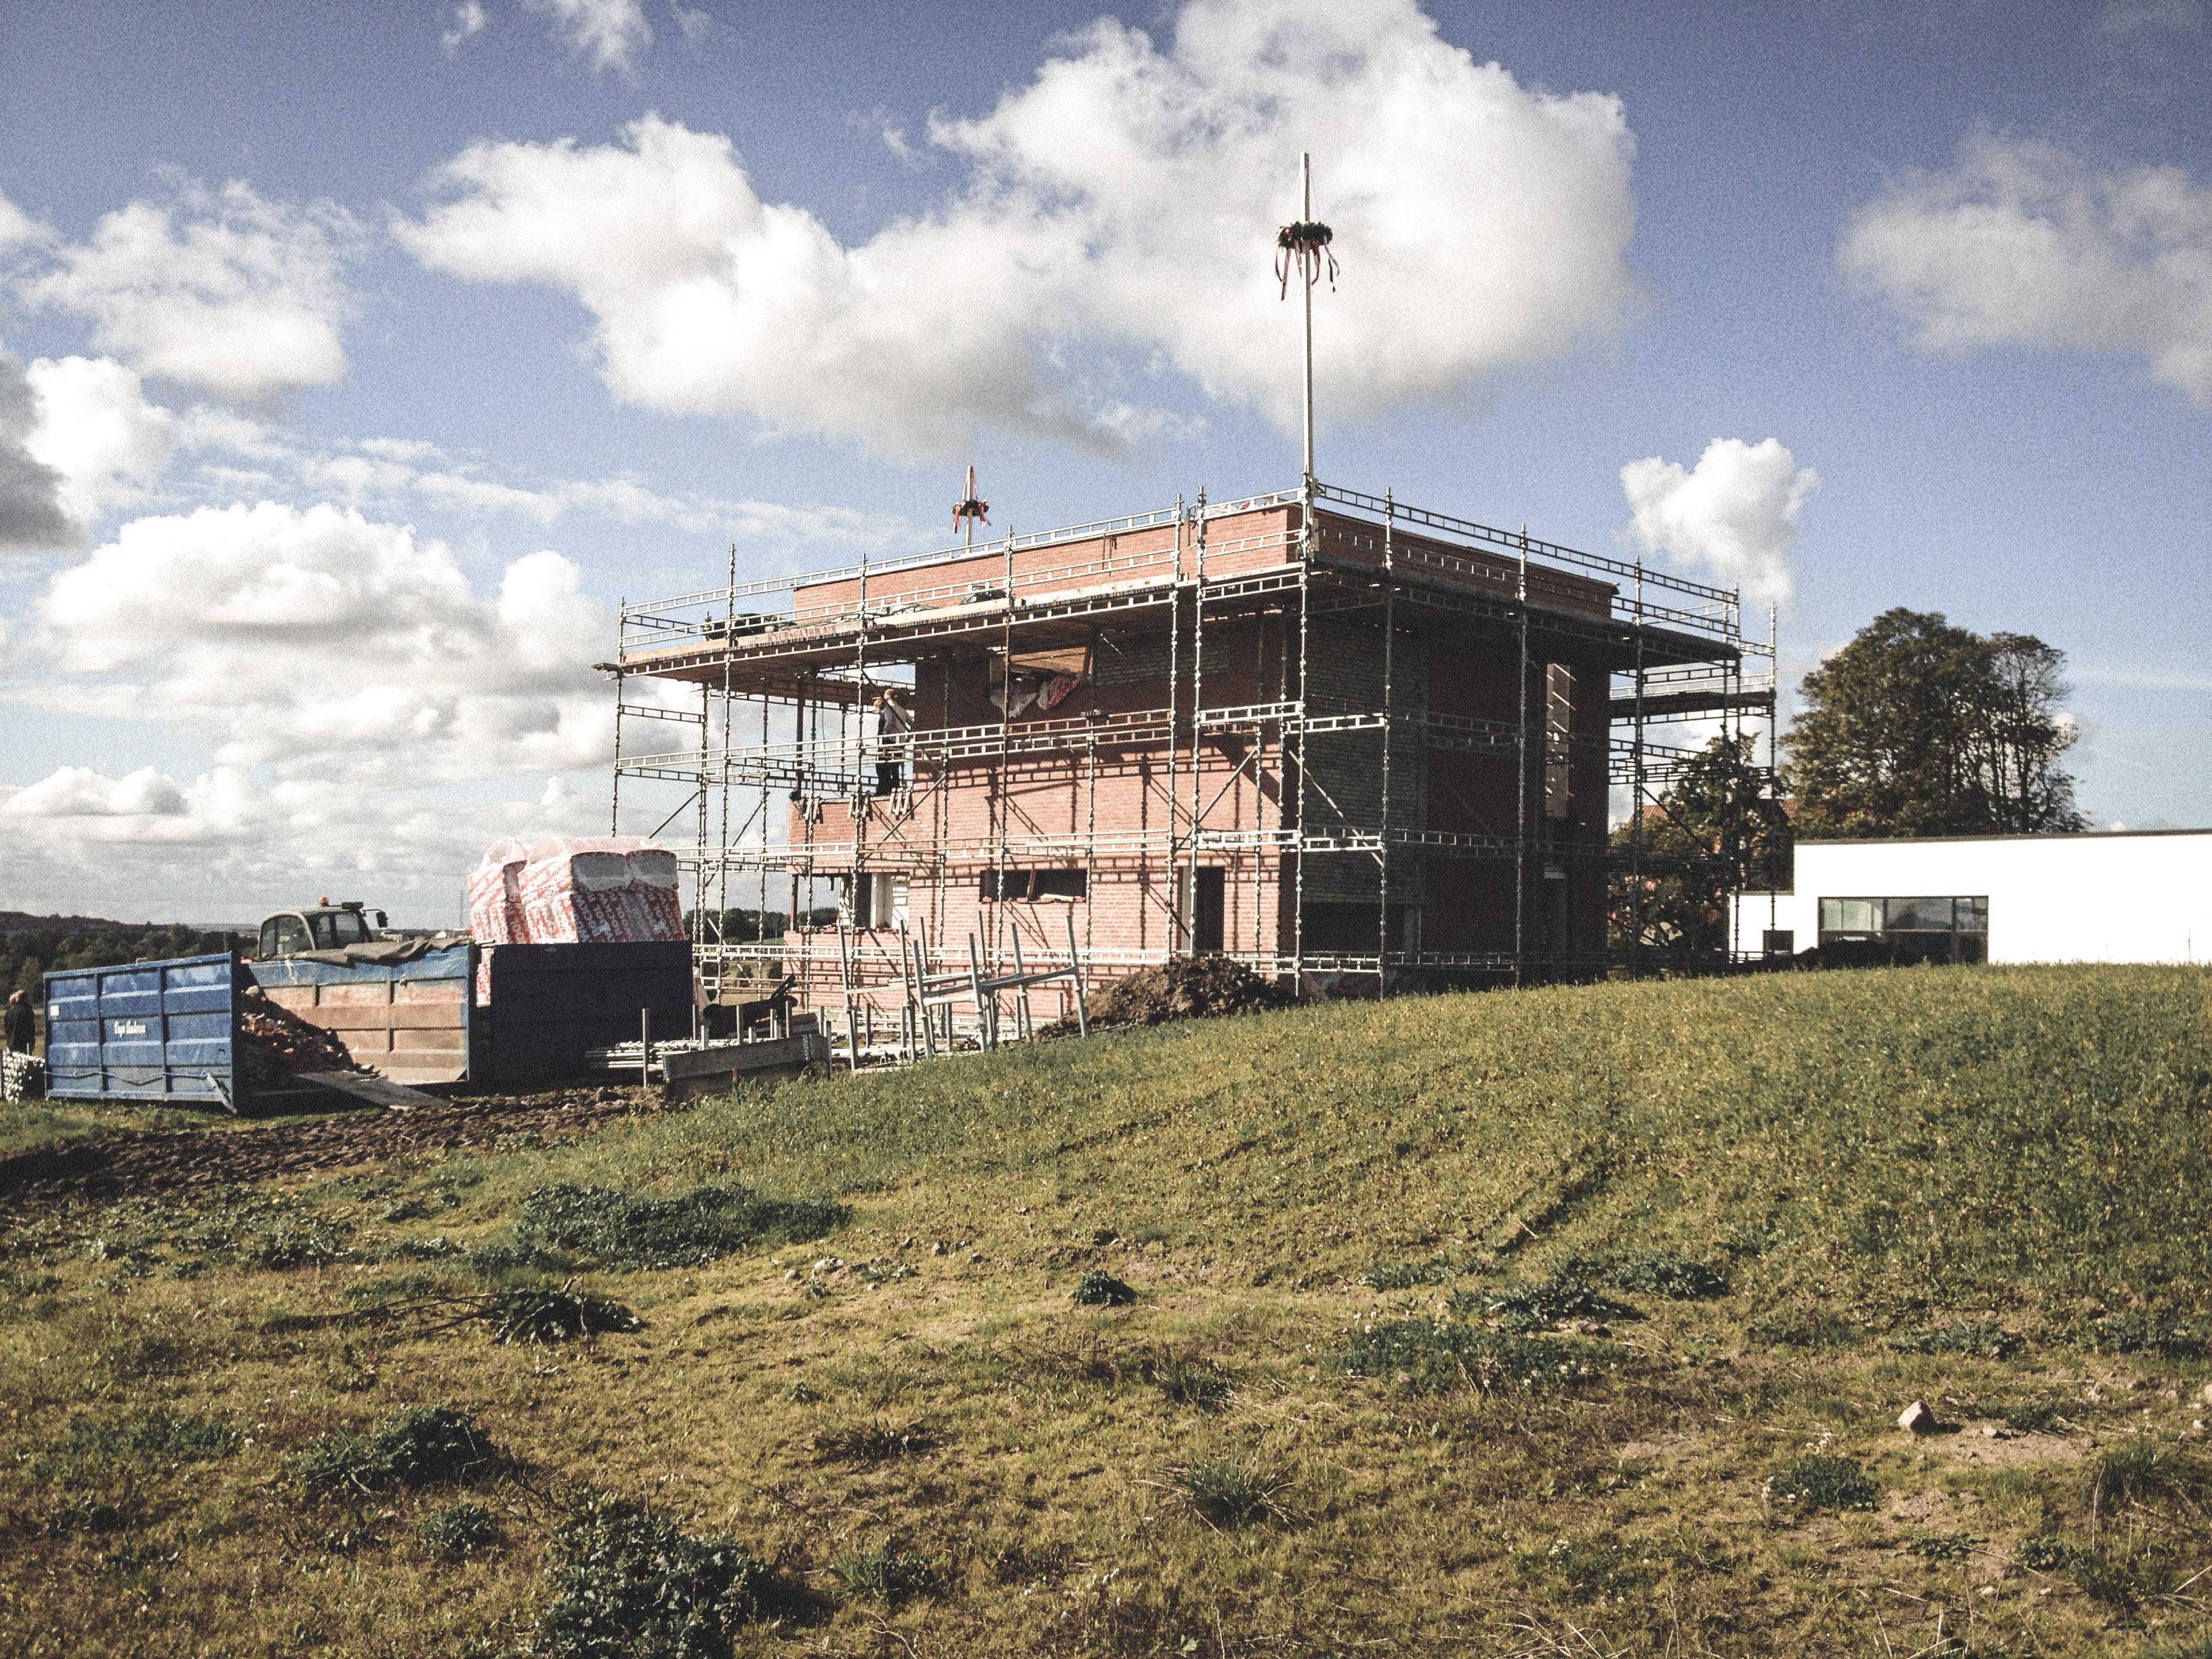 Billede af et igangværende byggeri i Status Skive, tegnet af arkitektfirmaet m2plus.